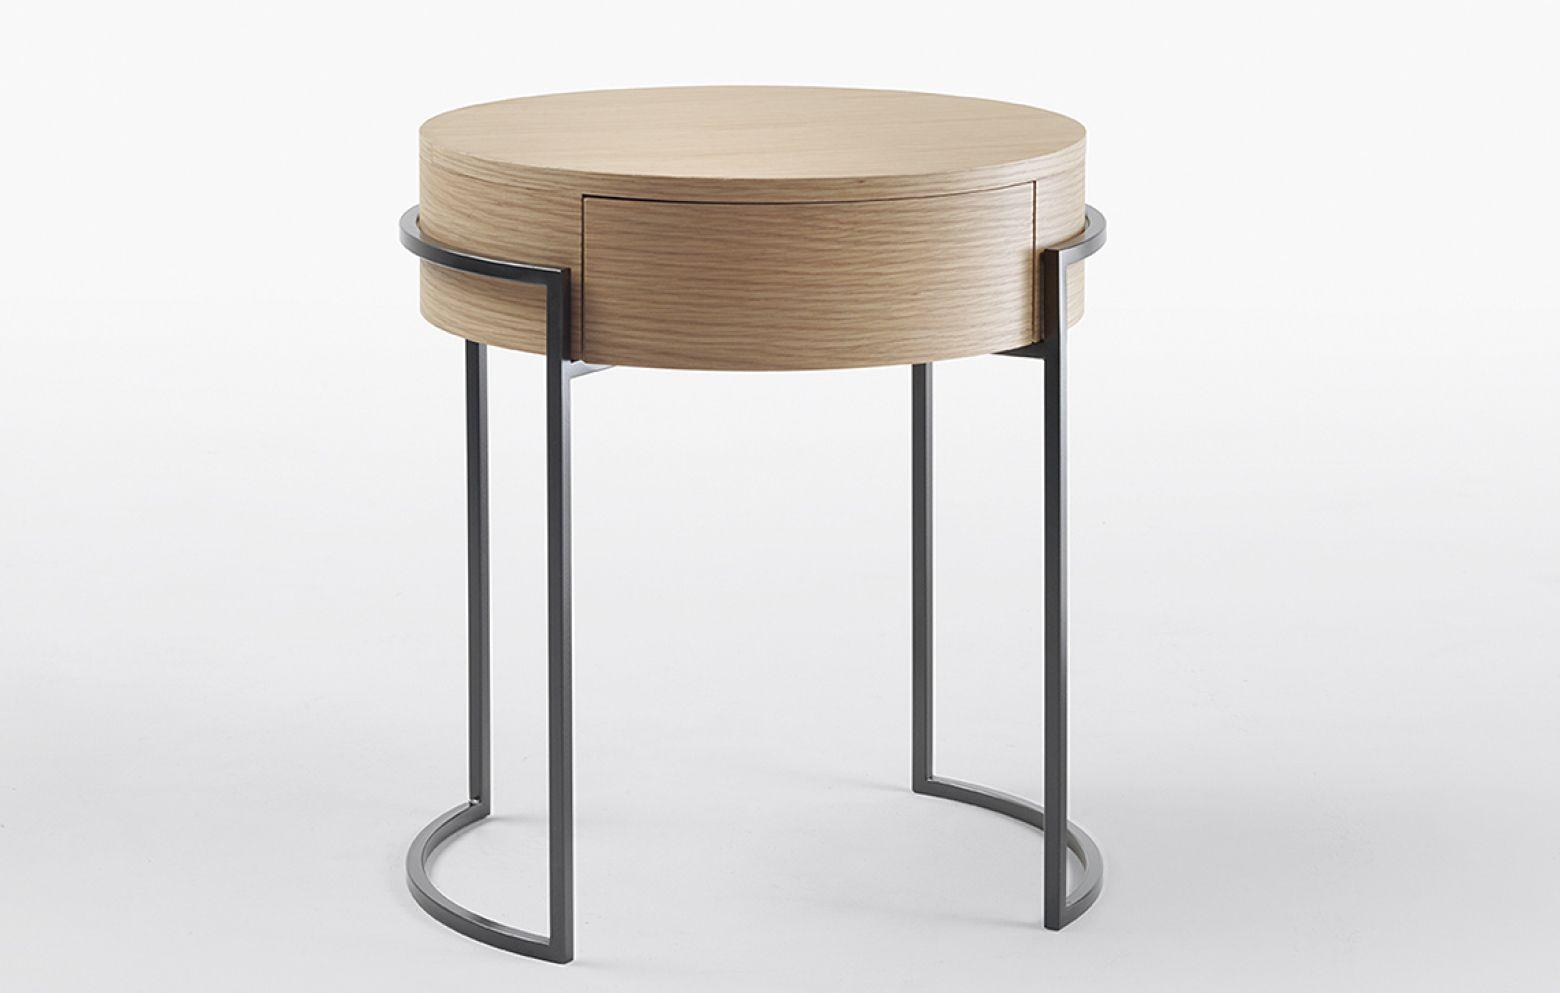 Pin Von S B Auf Furniture Nachttisch Nachttisch Design Nachttisch Rattan